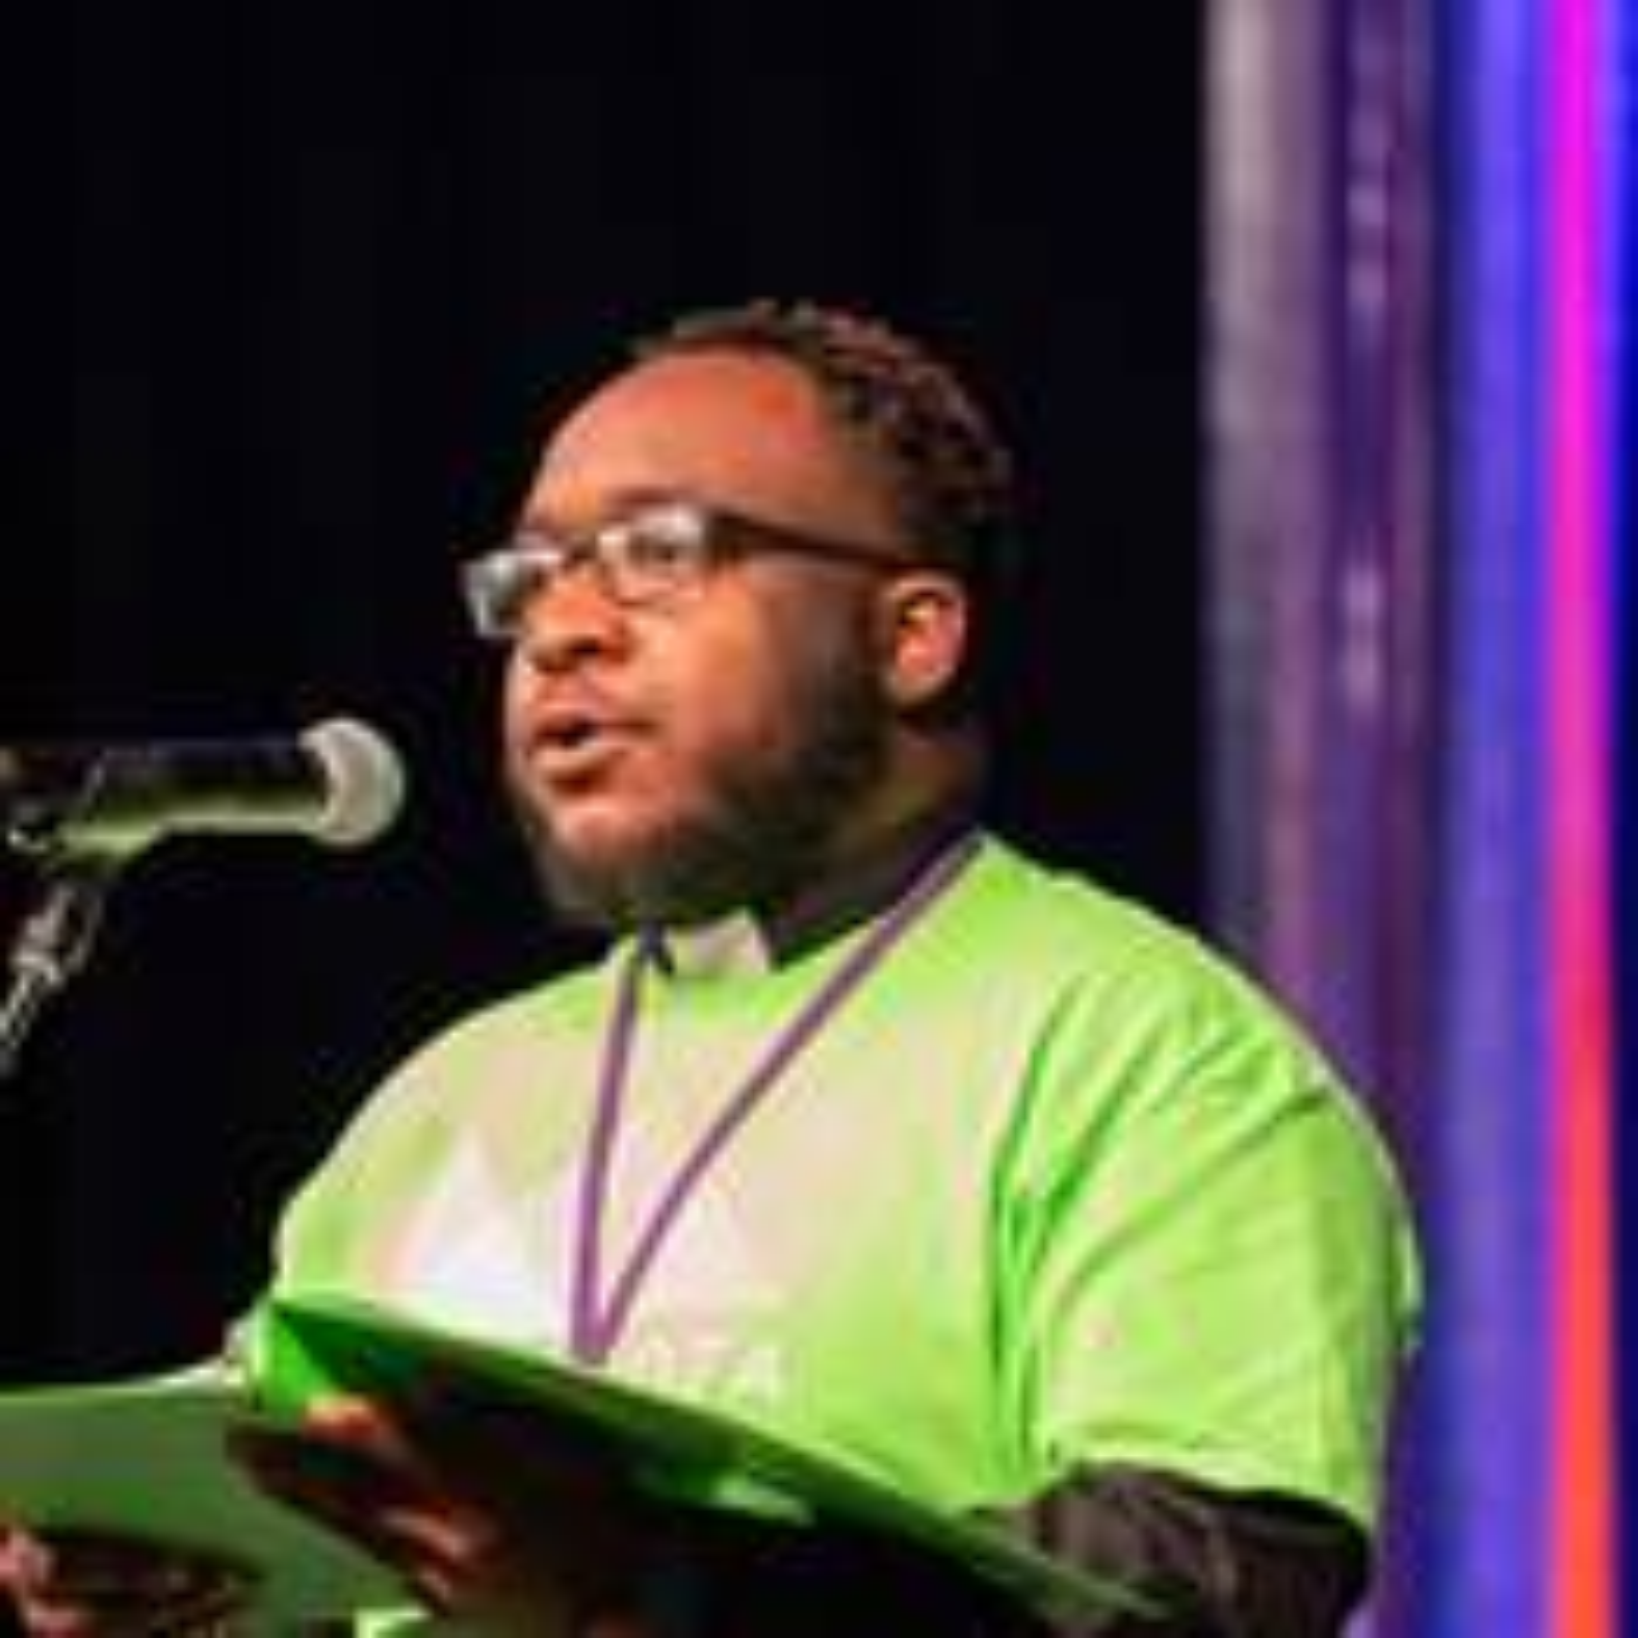 Pastor Laquaan Malachi